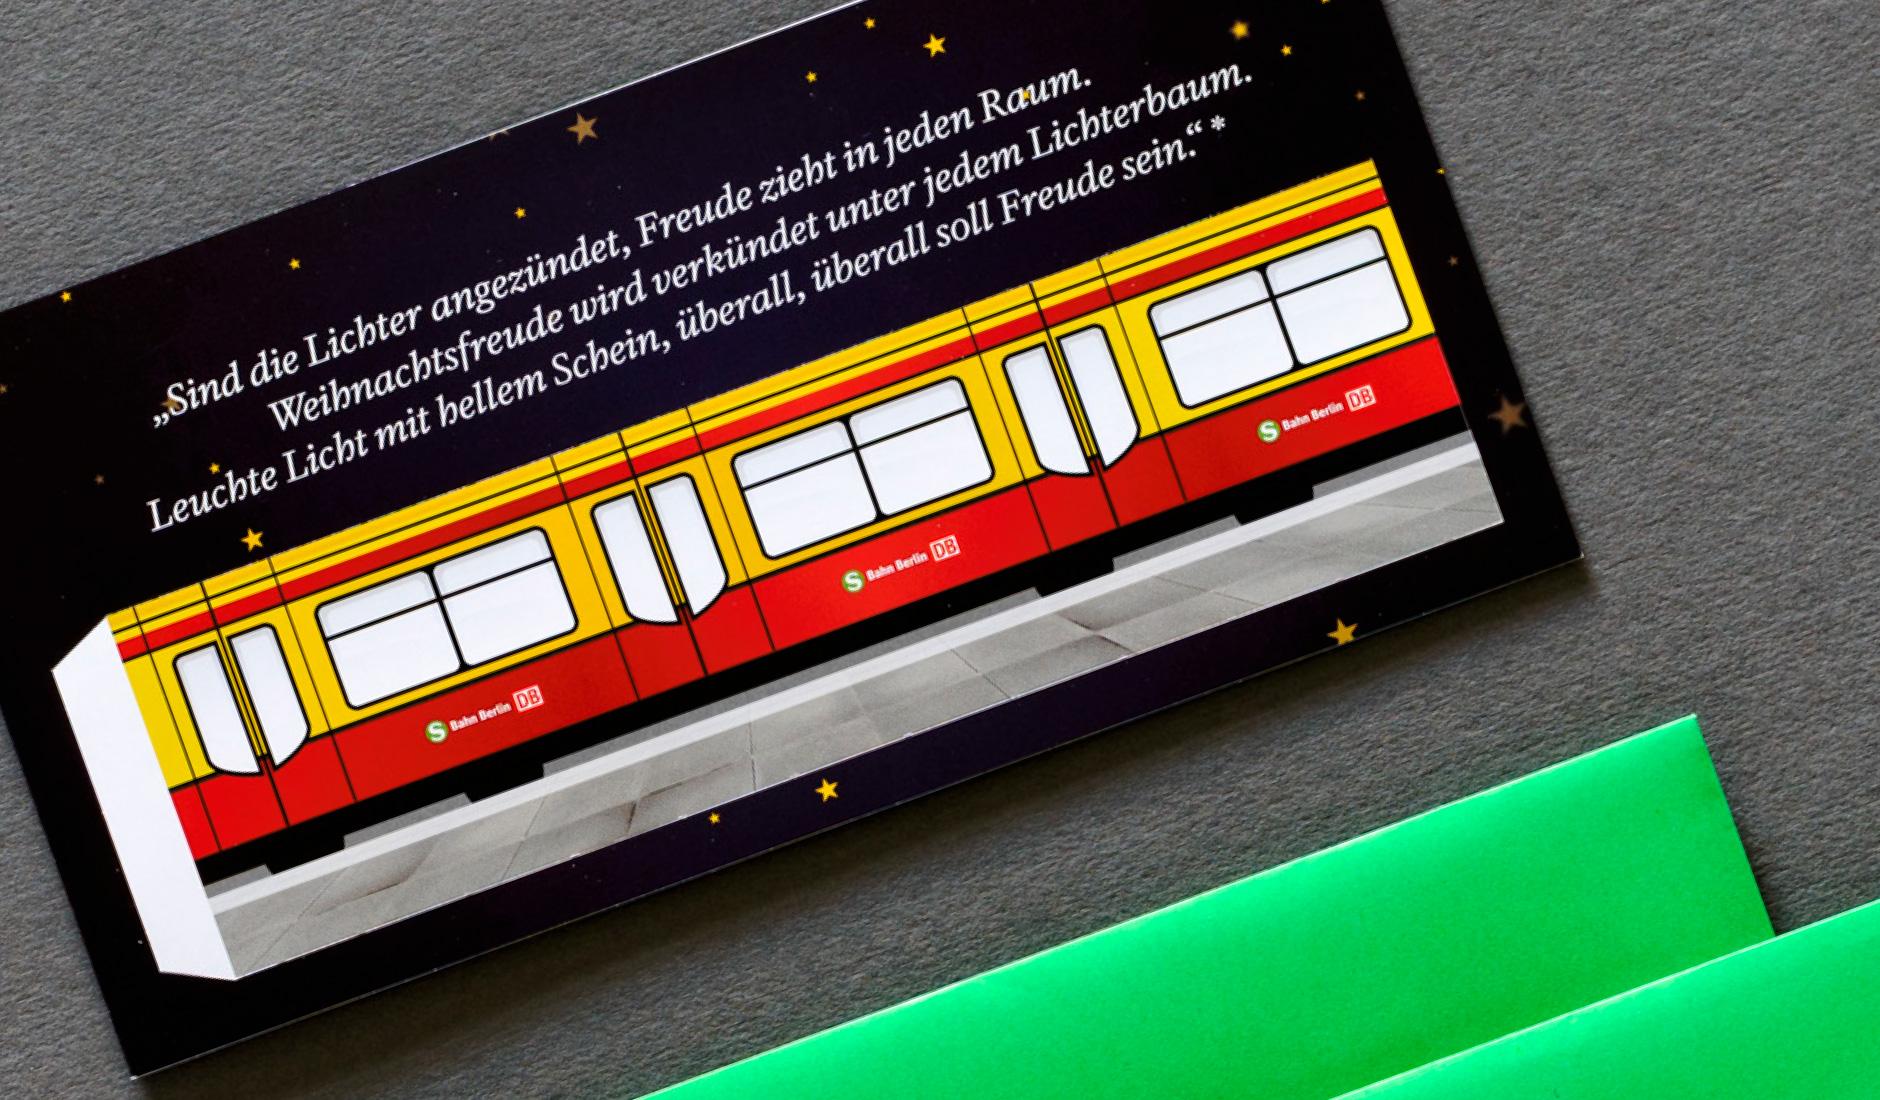 S-Bahn Berlin GmbH - Weihnachtsmailing